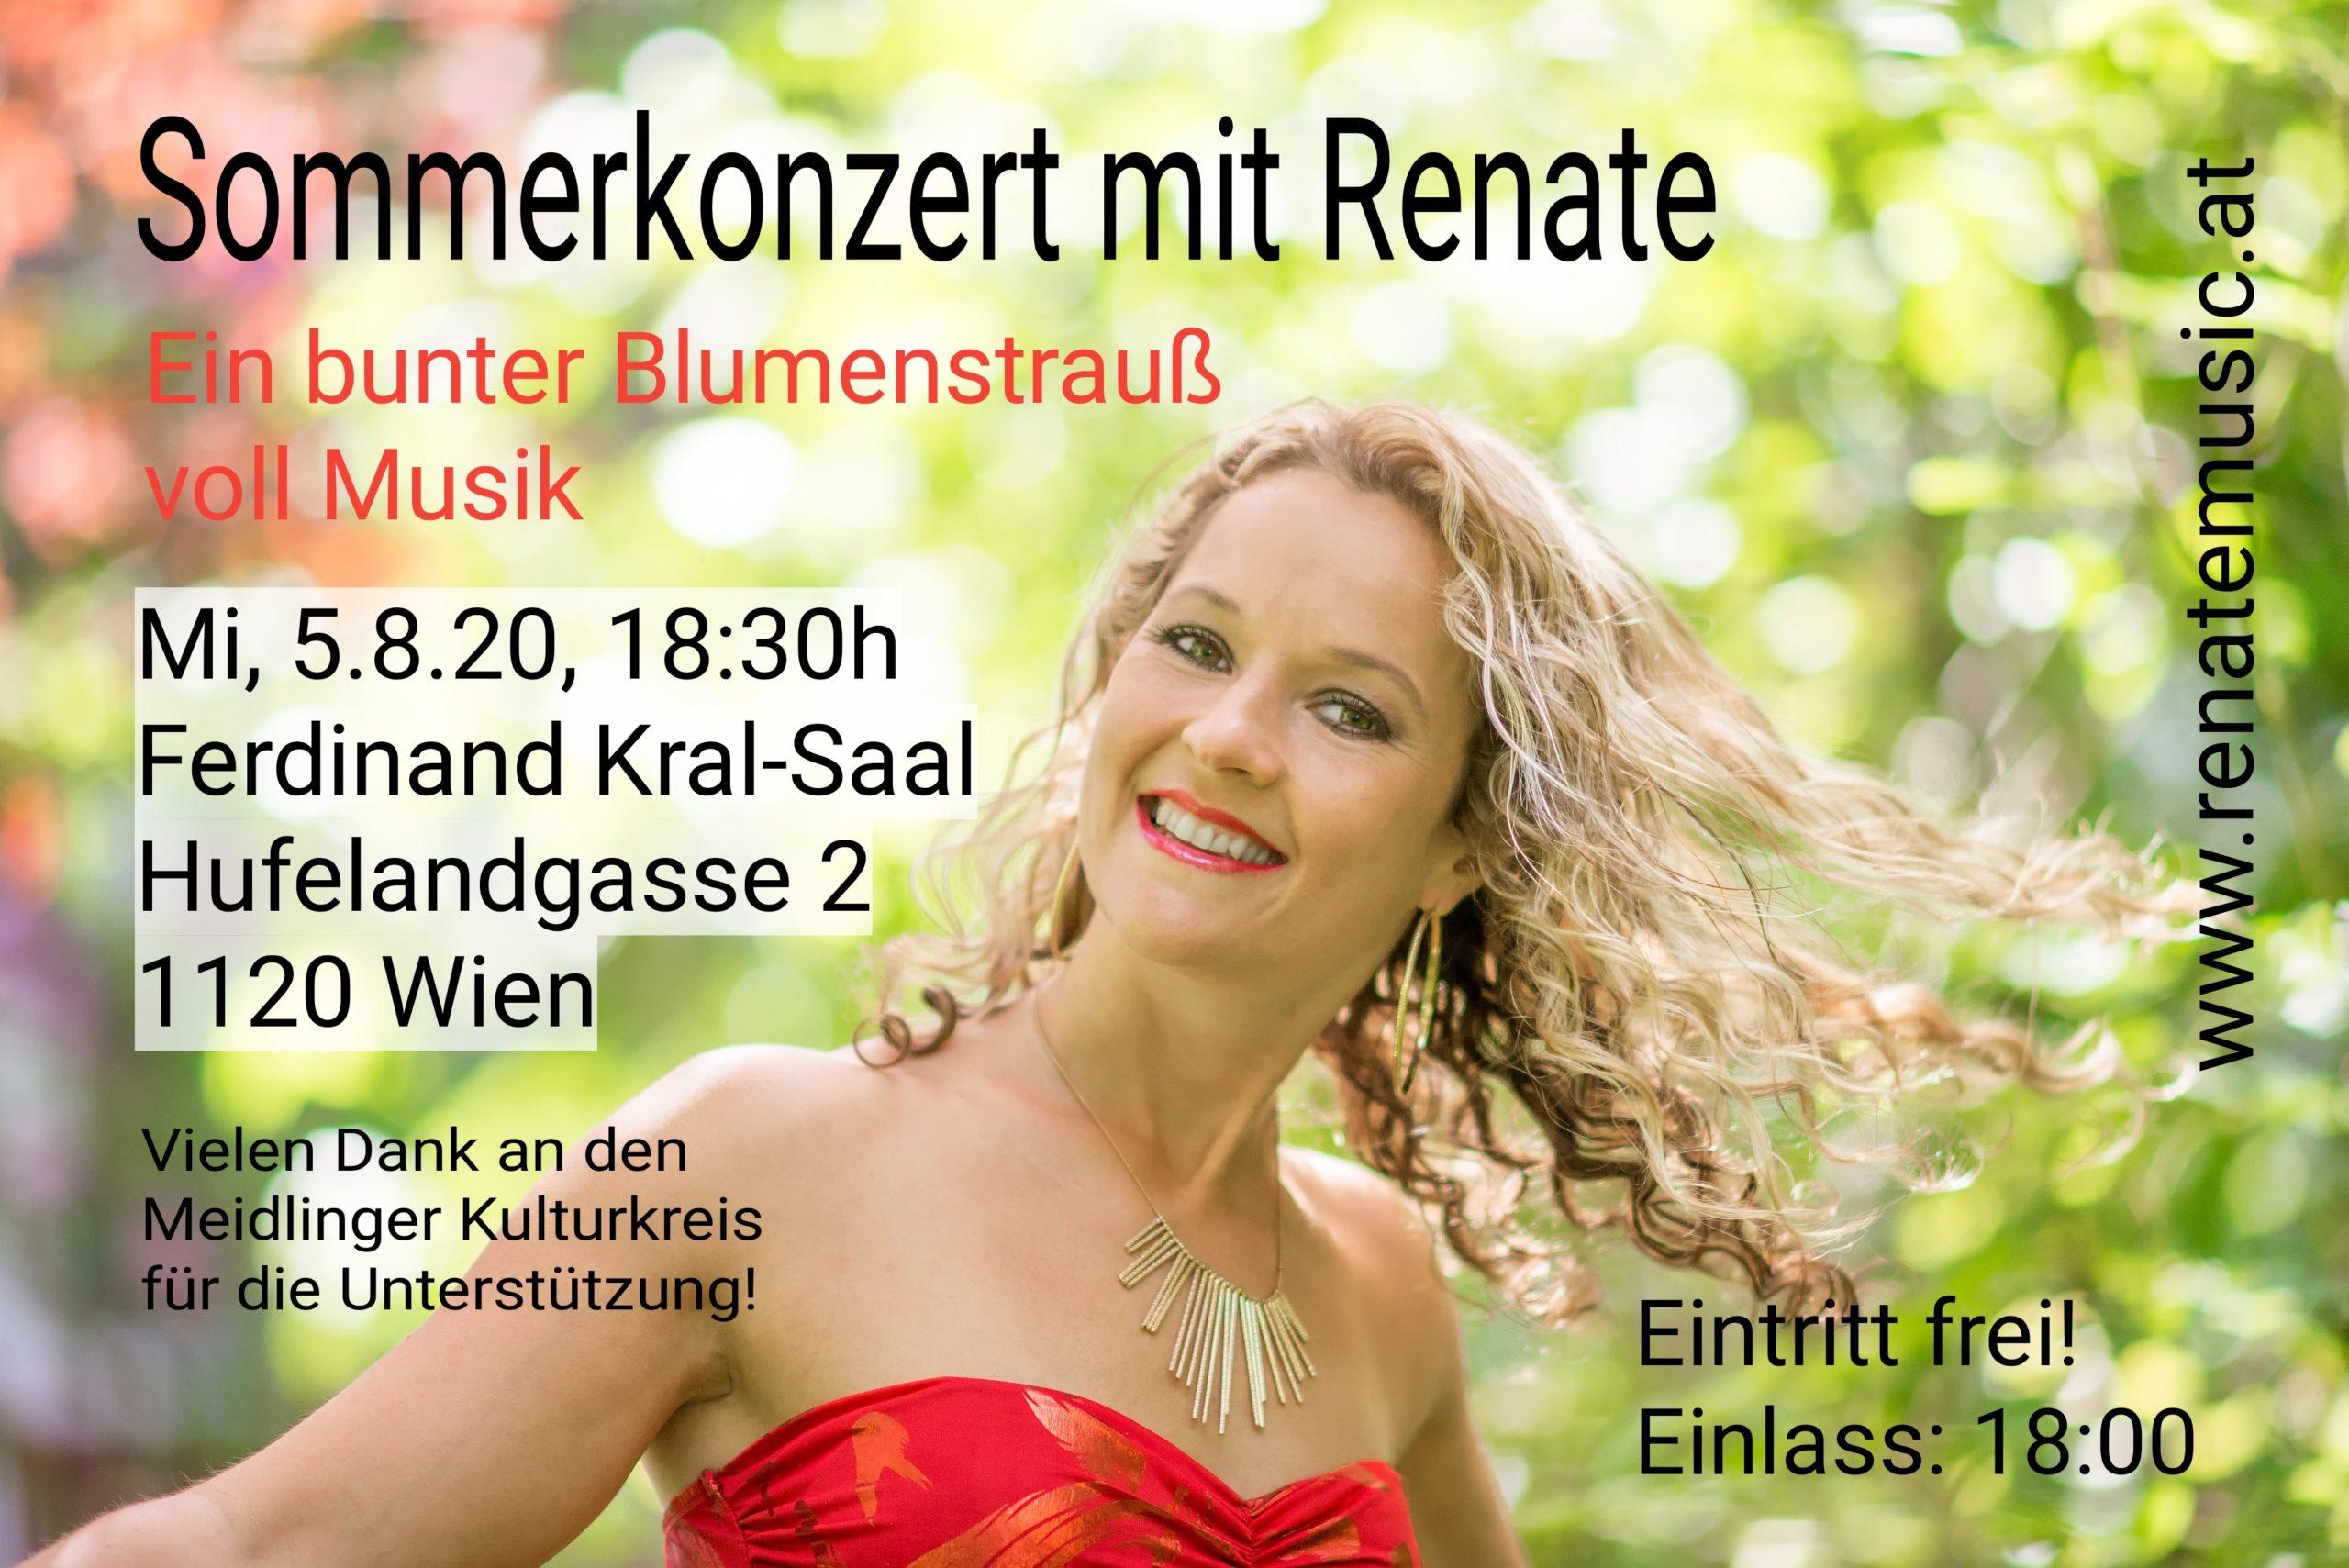 Sommerkonzert mit Renate